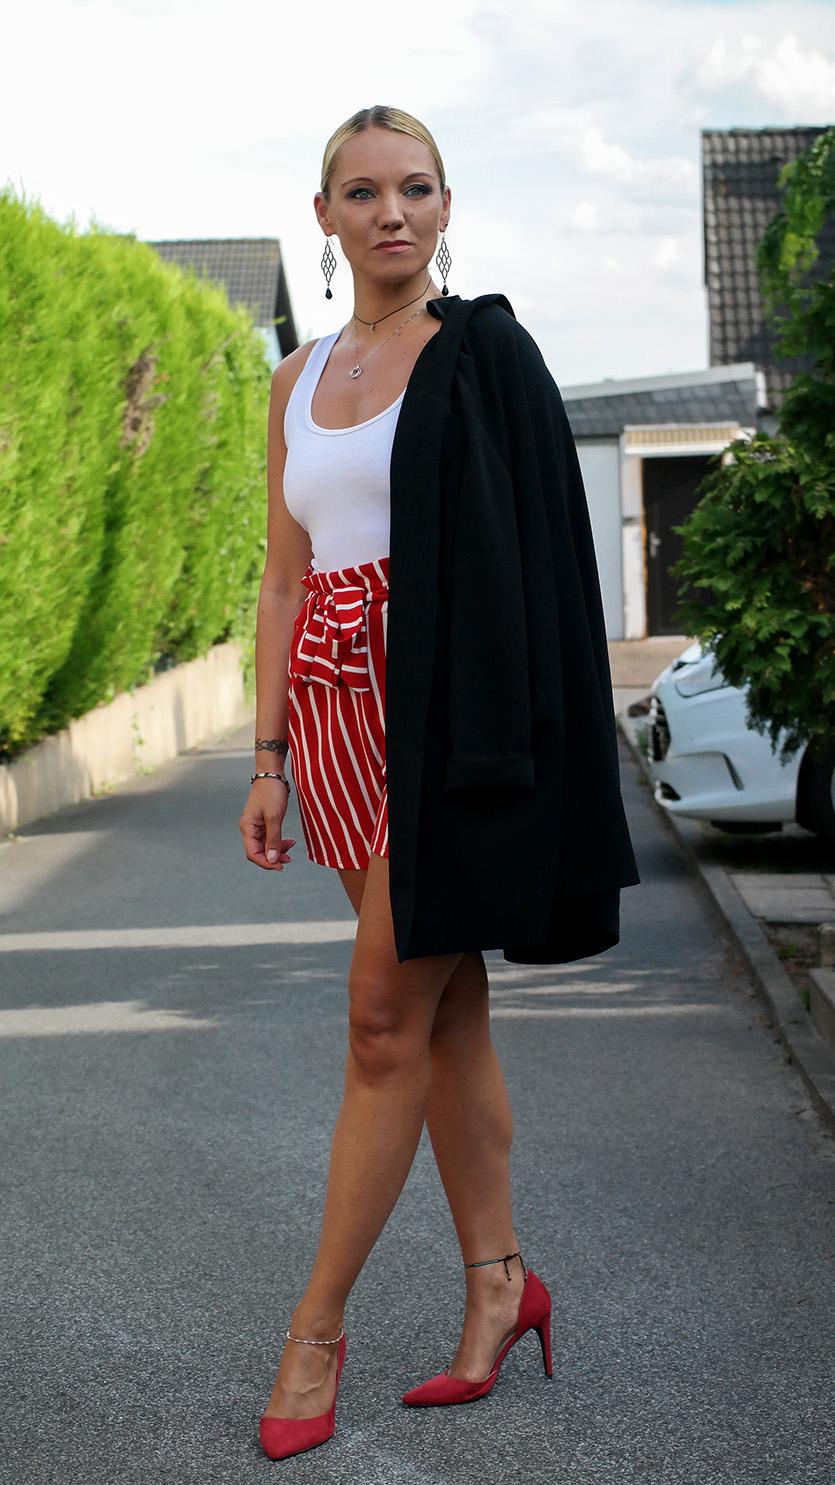 Style Trend Paperbag Shorts | Rot gestreift und mit Longblazer von Hallhuber kombiniert | hot-port.de | Fashion Style Blog